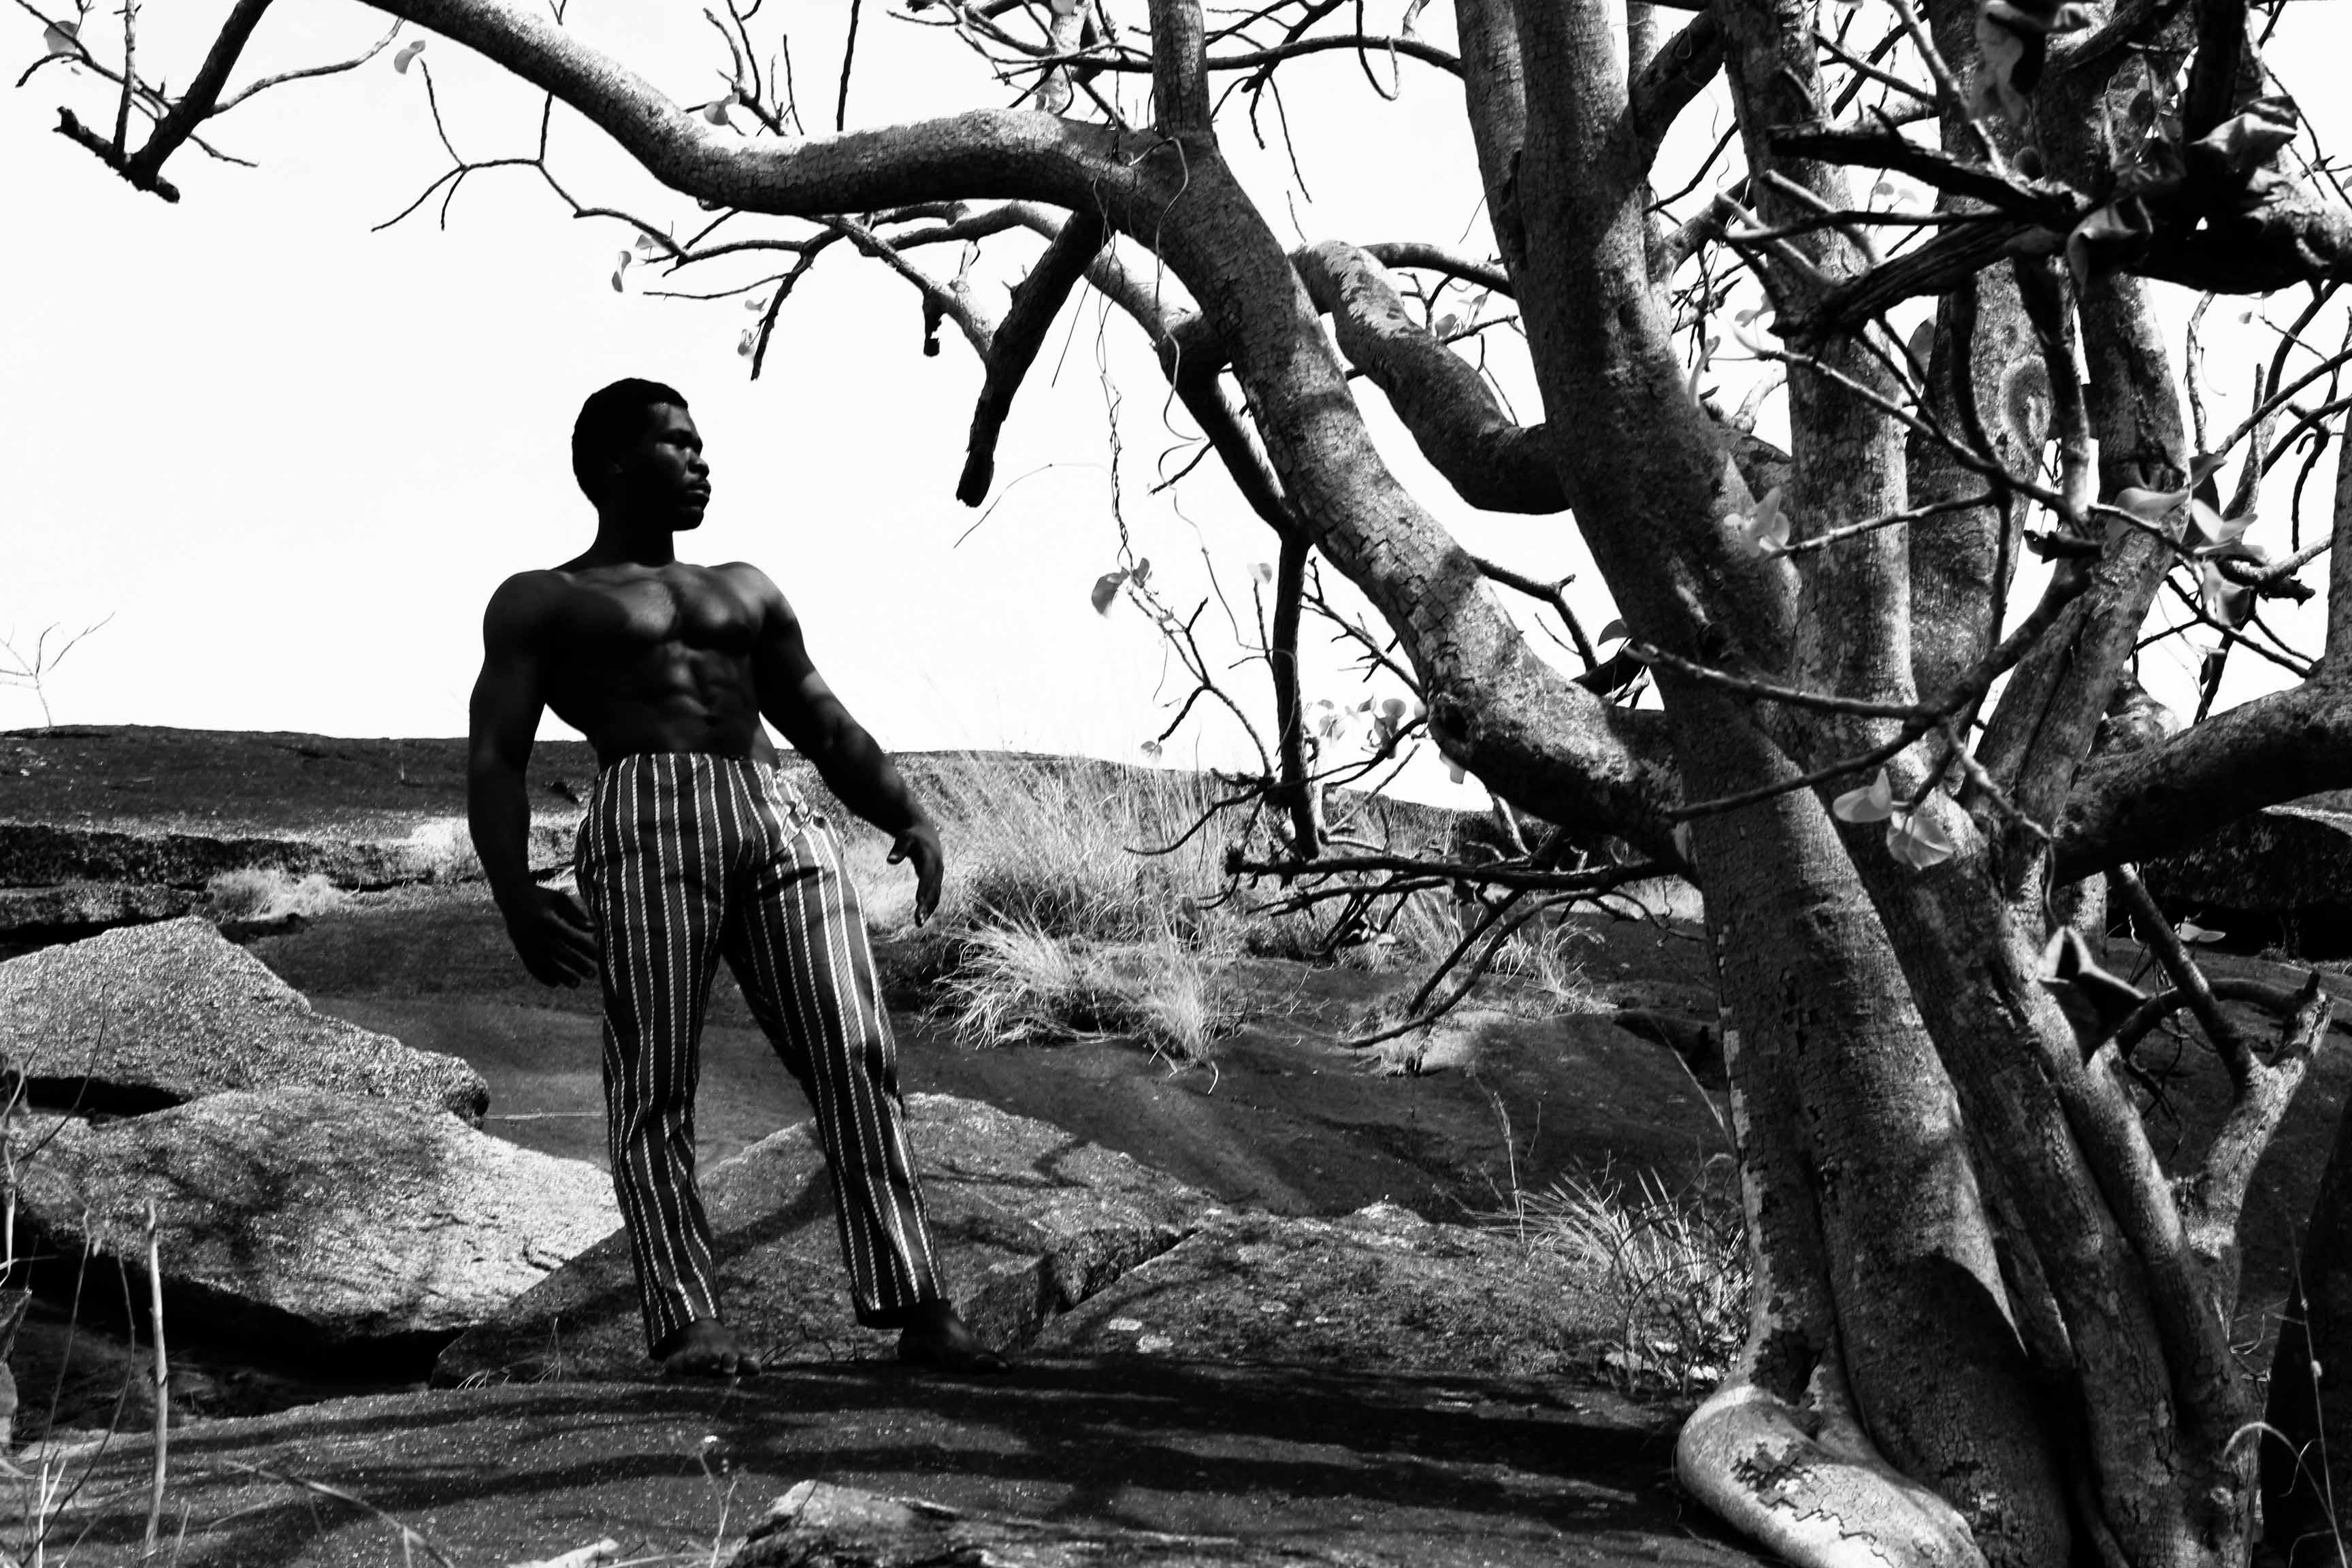 black-man-model-under-tree